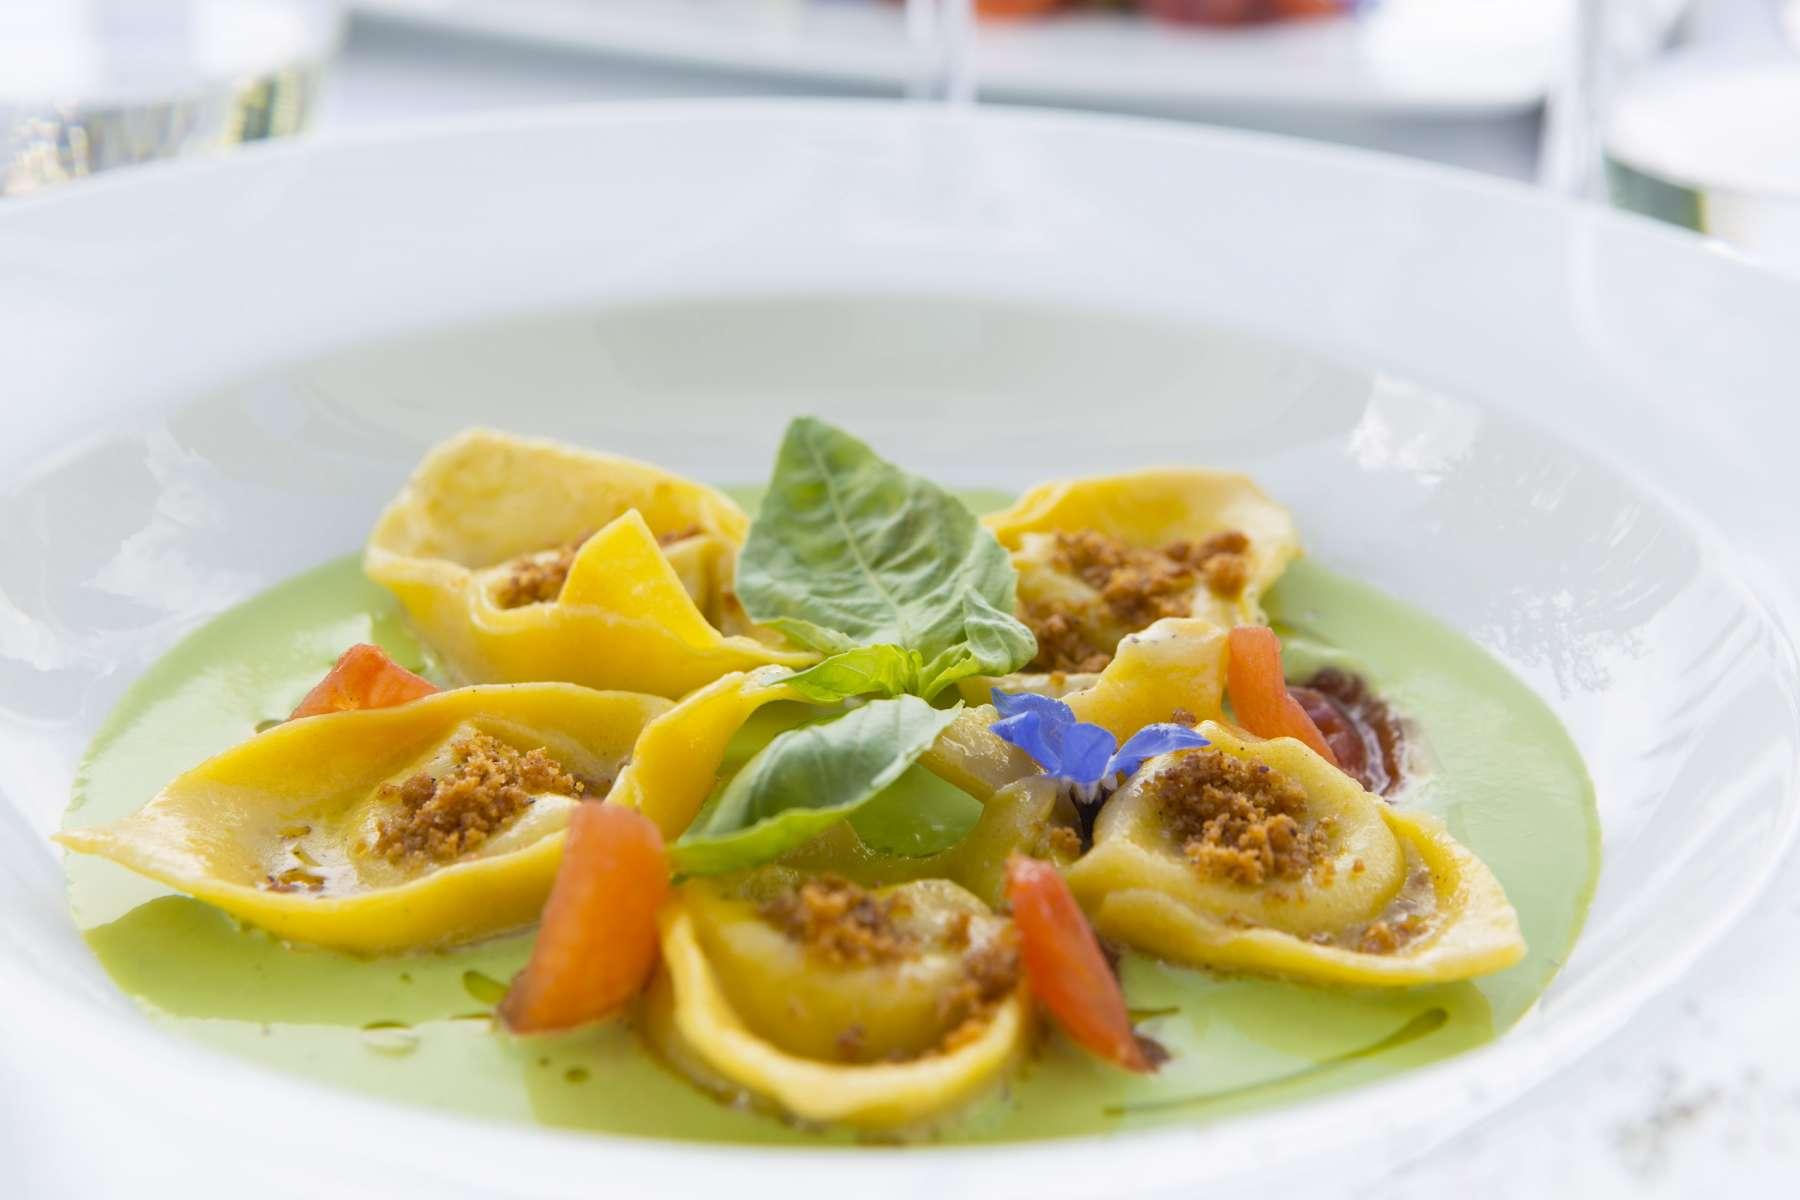 Wine Dine La Terrazza Restaurant Montespertoli Chianti